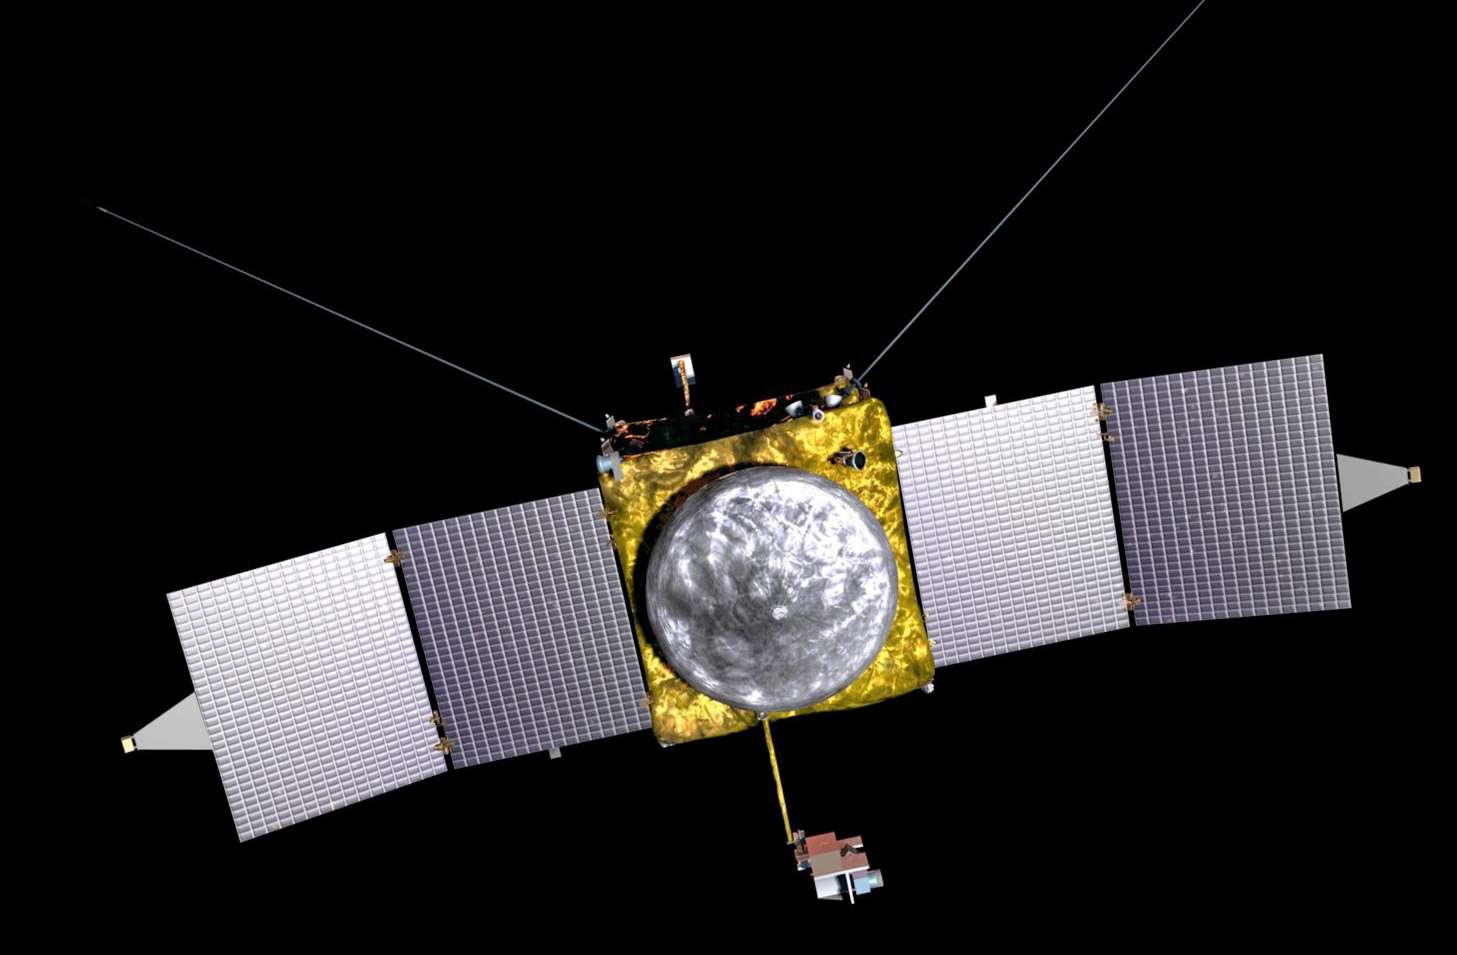 La sonde Maven (Mars Atmosphere and Volatile Evolution) sera construite autour de la même plateforme utilisée pour les orbiters Mars Odyssey et Mars Reconnaissance Orbiter, également construits par Lockheed Martin. © Nasa